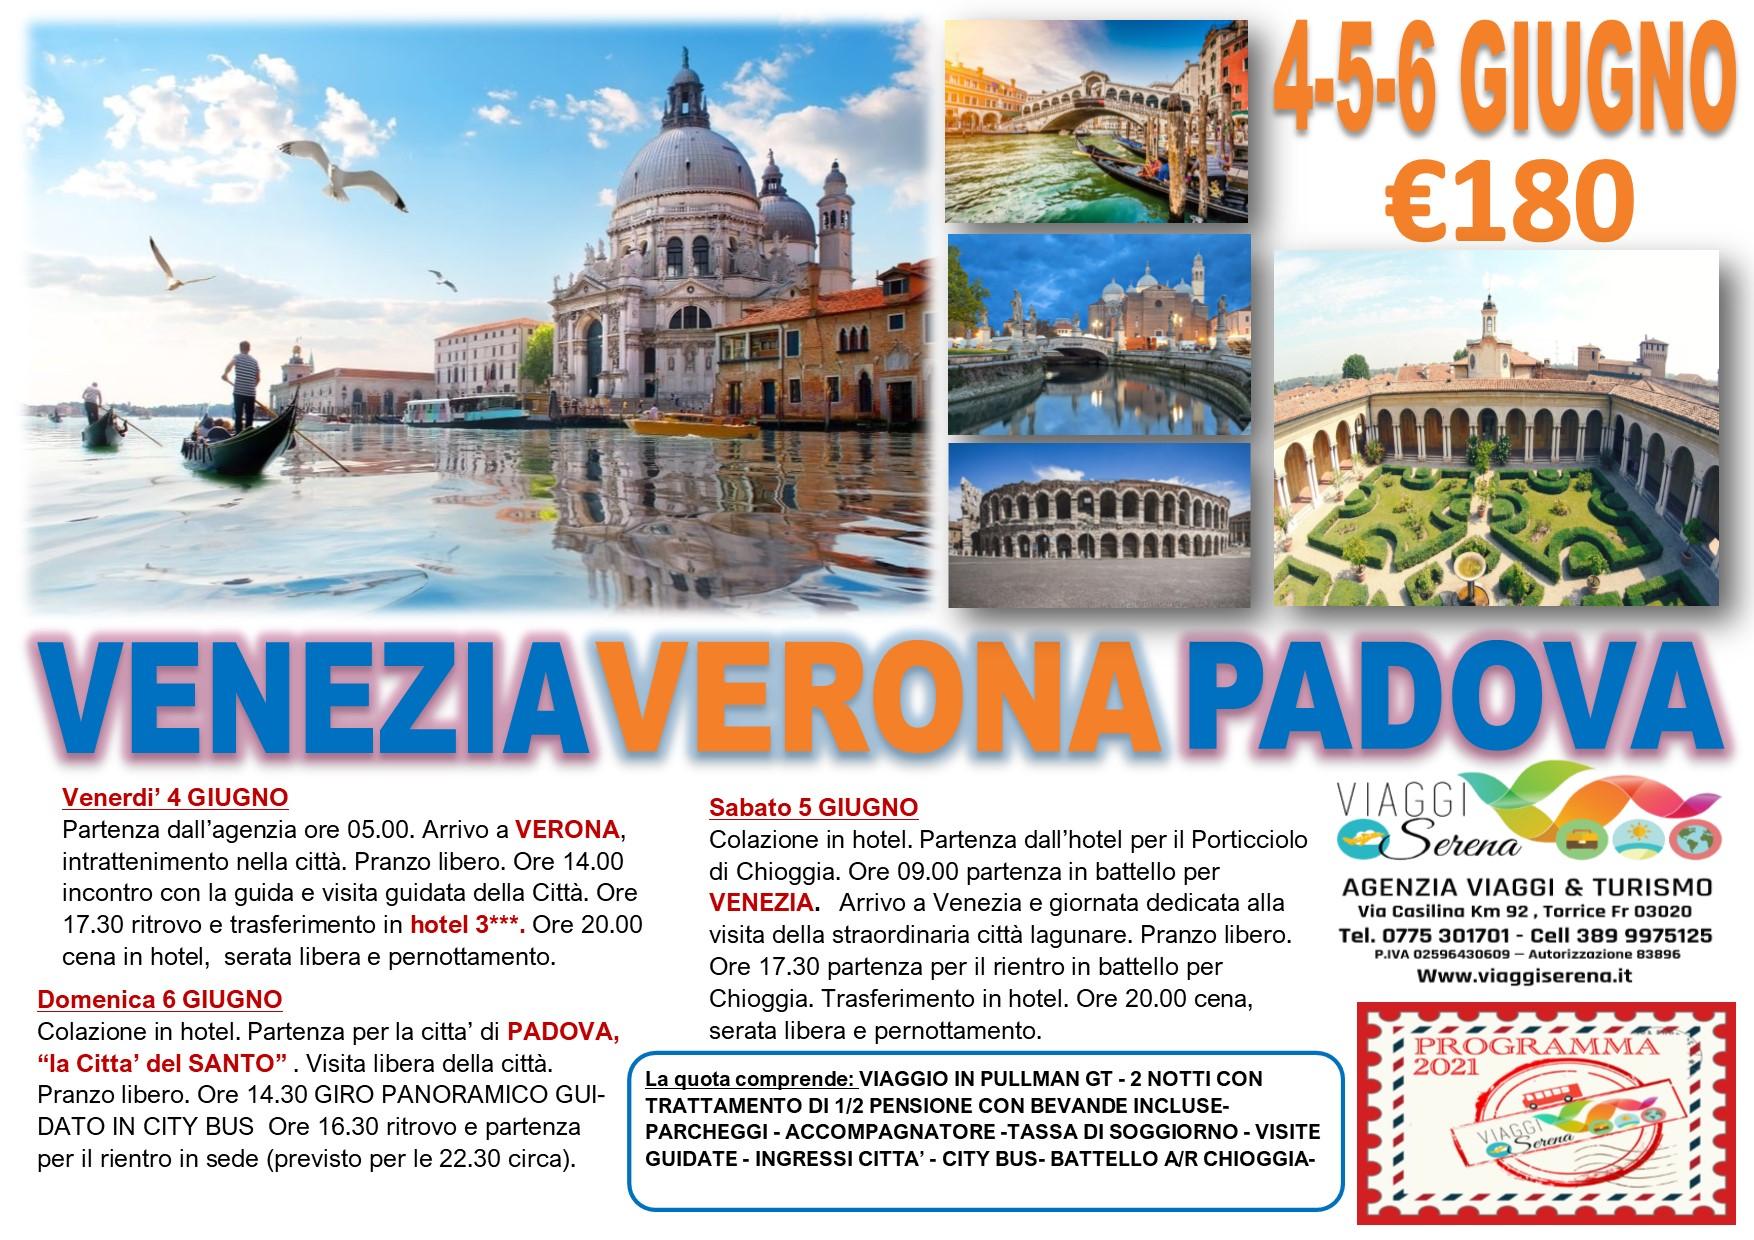 Viaggi di Gruppo: Venezia, Verona & Padova 4-5-6 Giugno € 180,00